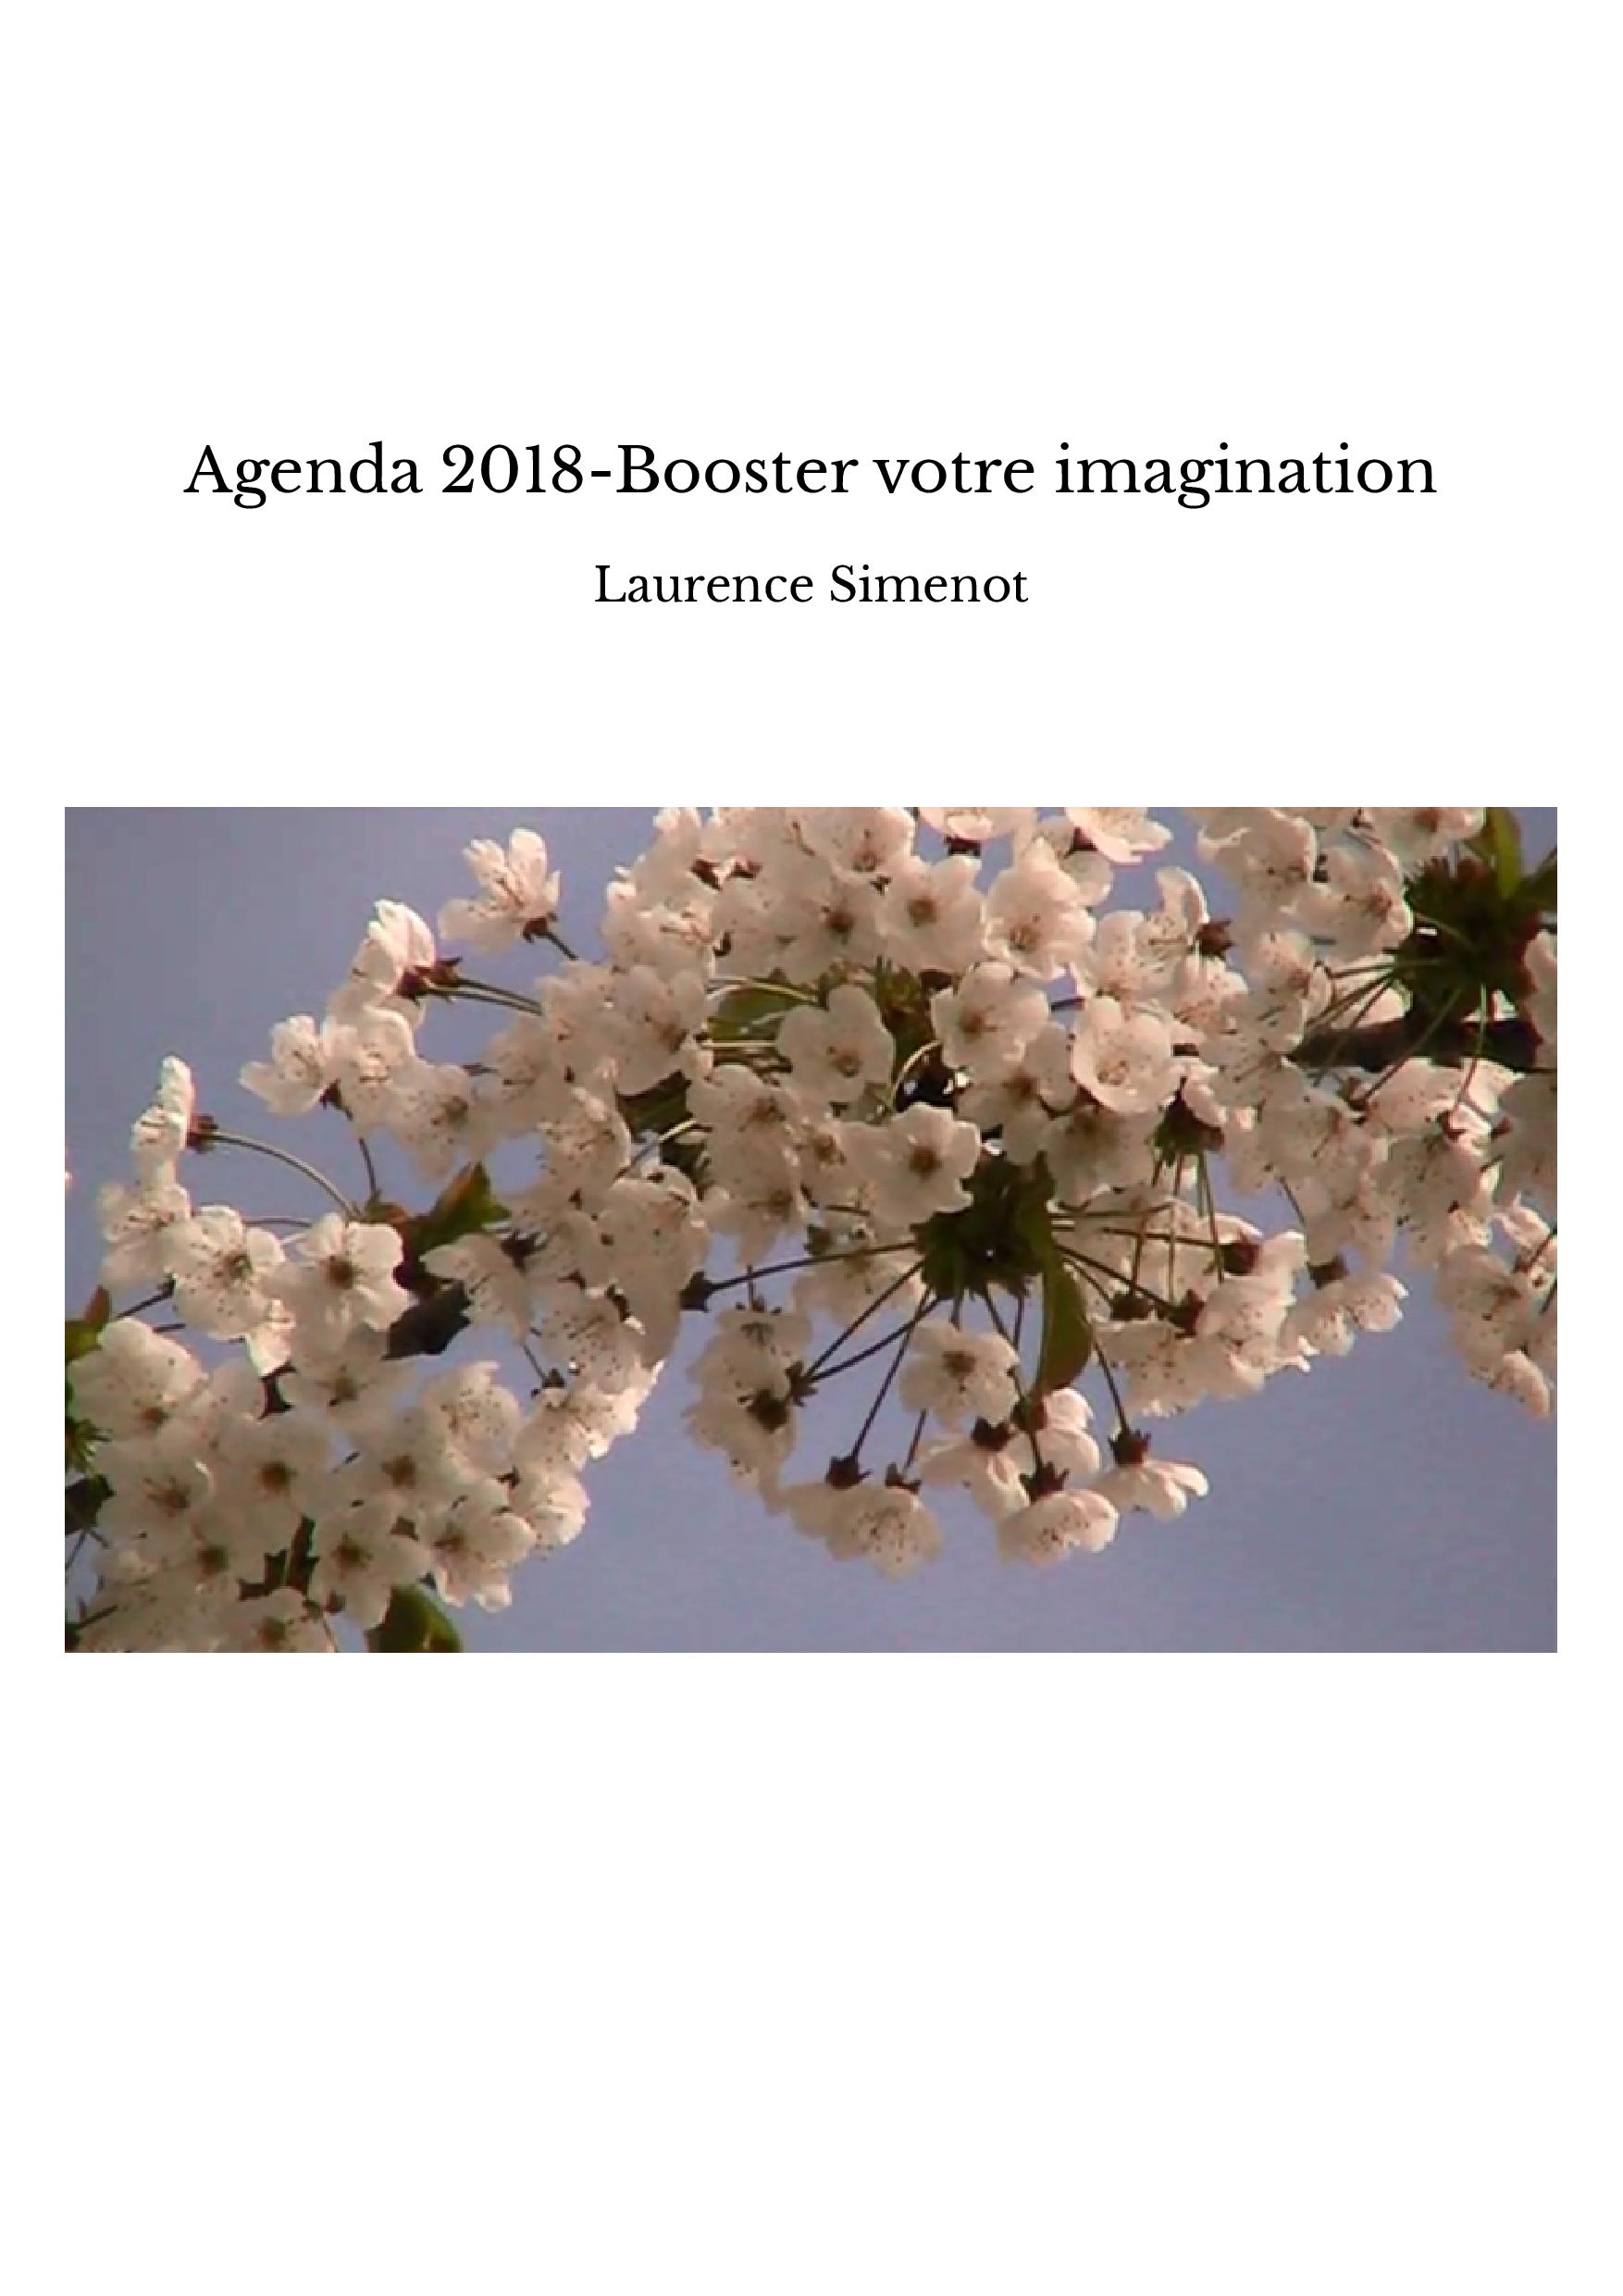 Agenda 2018-Booster votre imagination